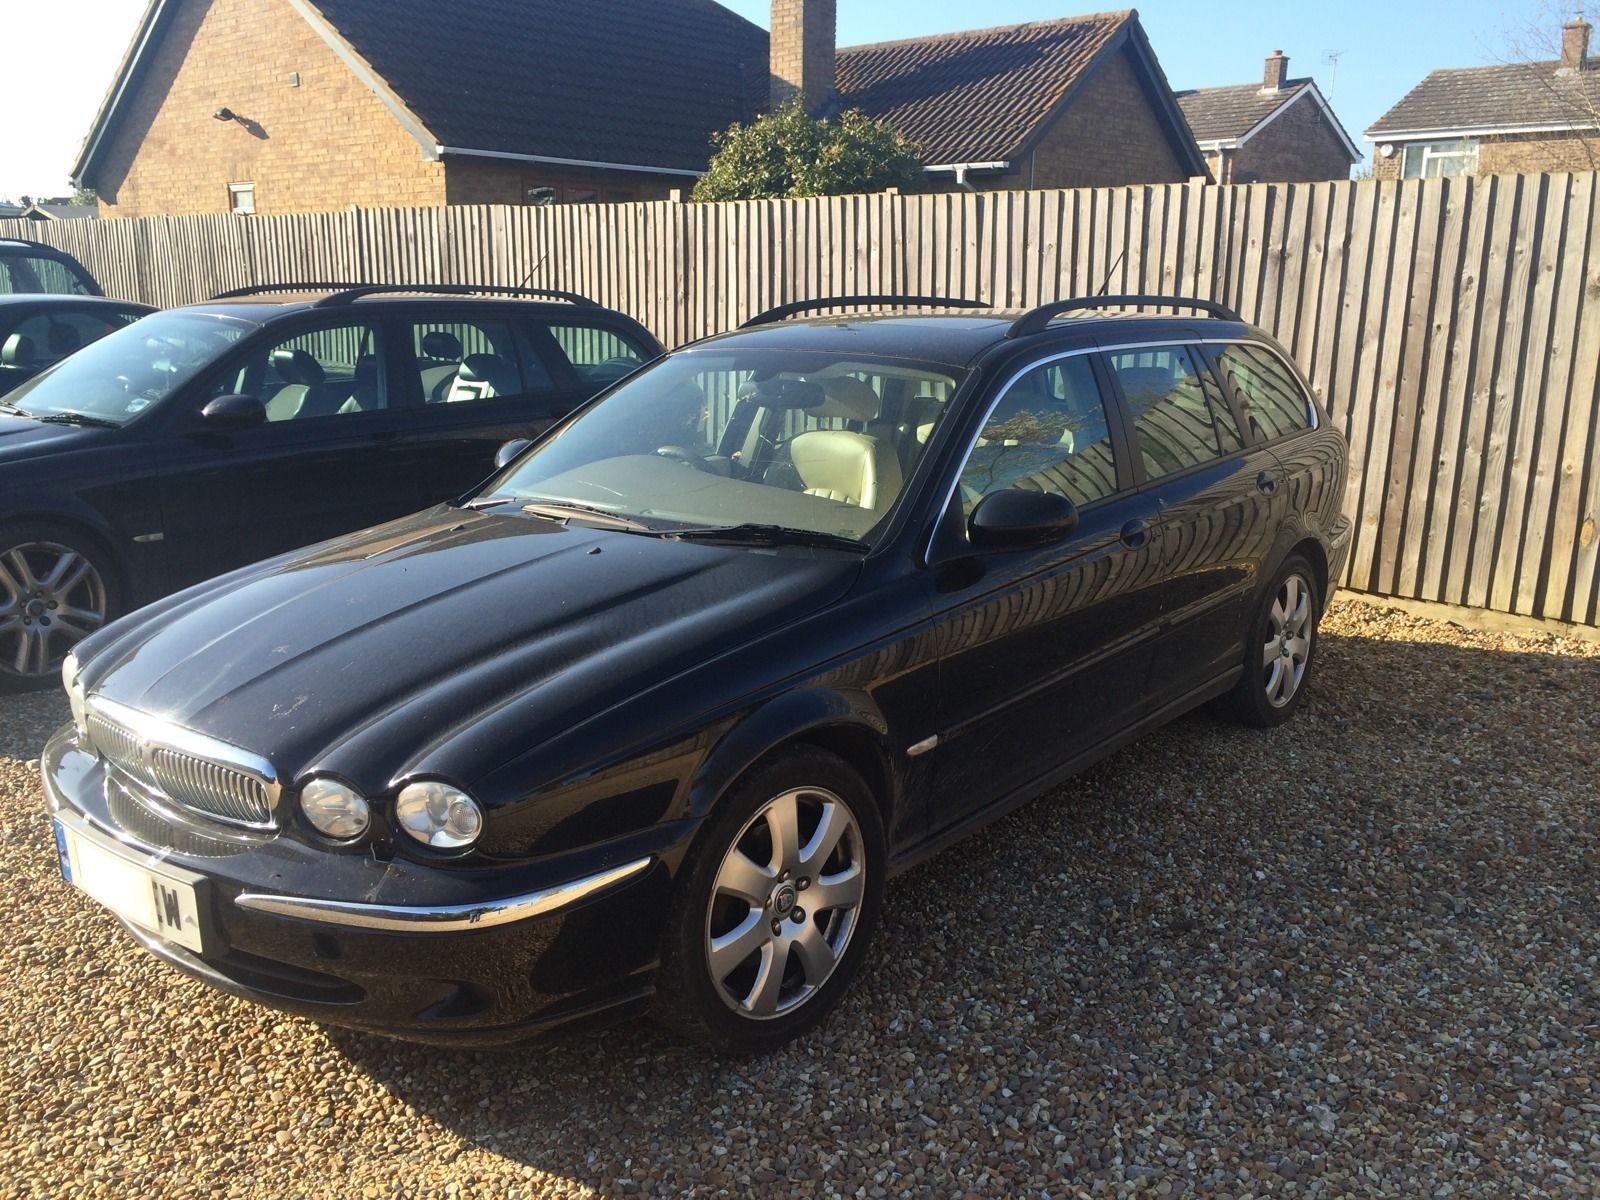 2017 Jaguar Xe 35T Premium >> Jaguar X-type Estate 2006 2.0 d for sale